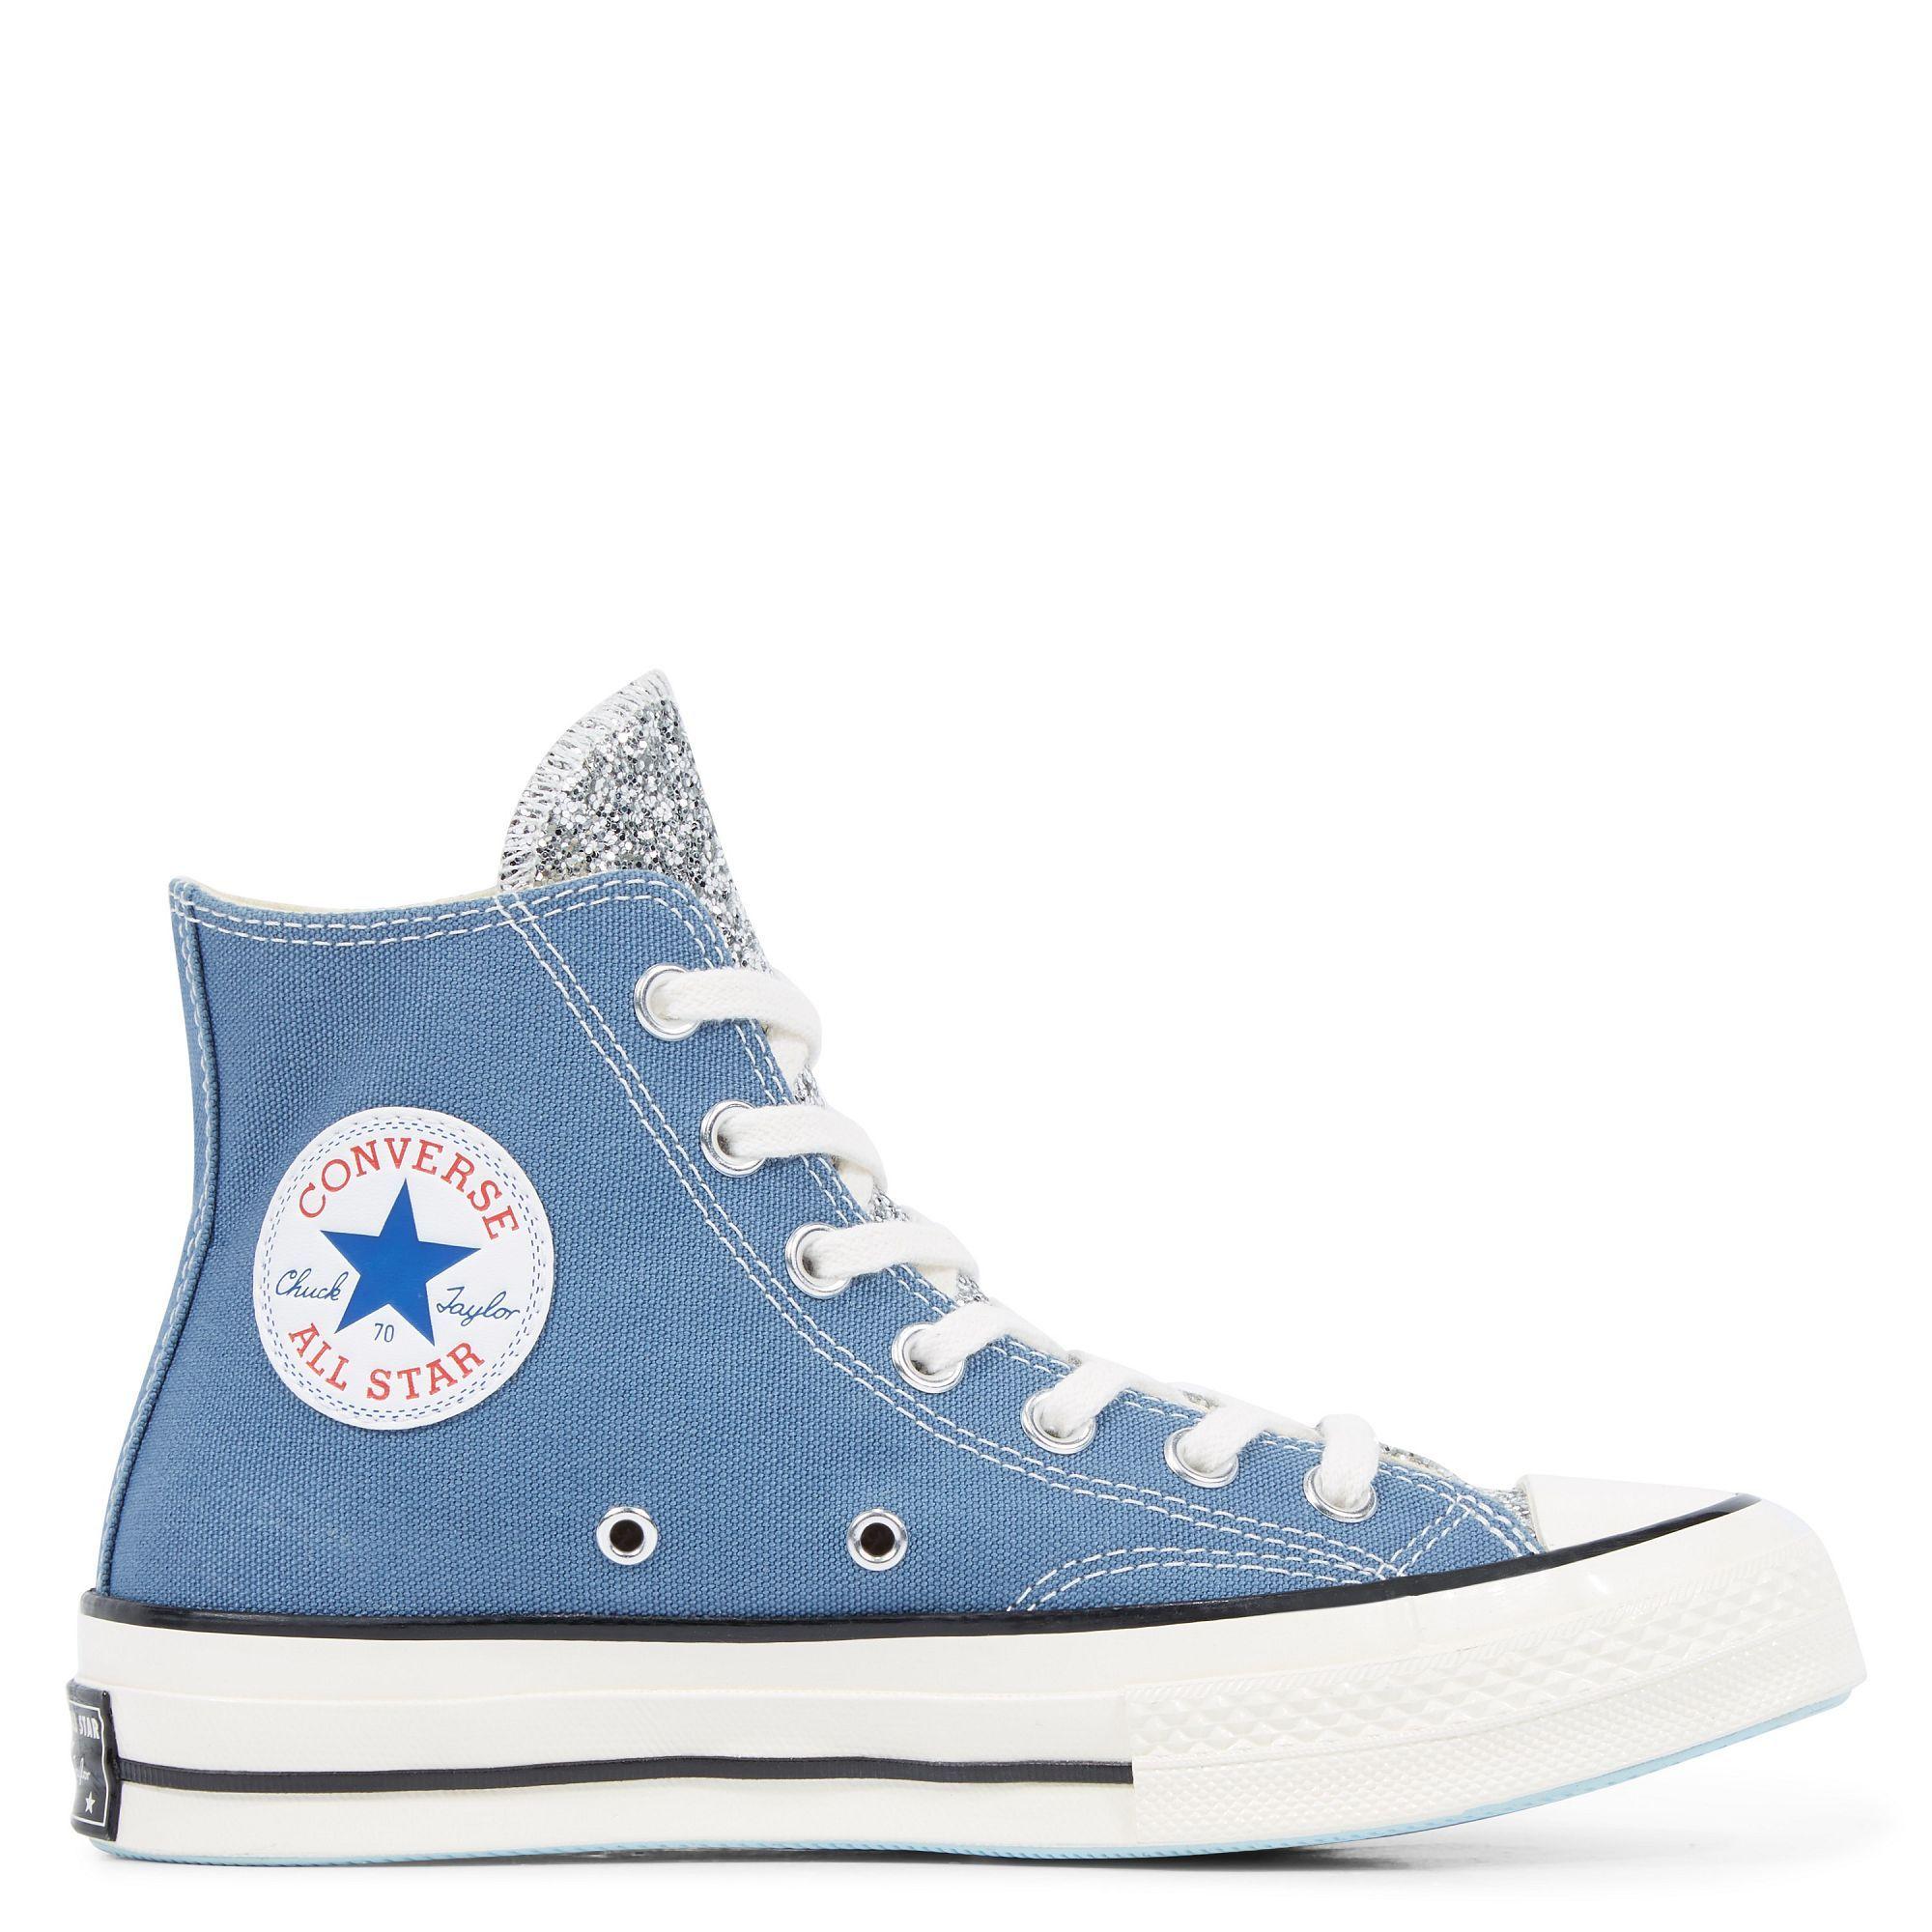 e30c06e44 Converse Chuck '70s x Chiara Ferragni Glitter Sneakers - Chiara Ferragni  Collection